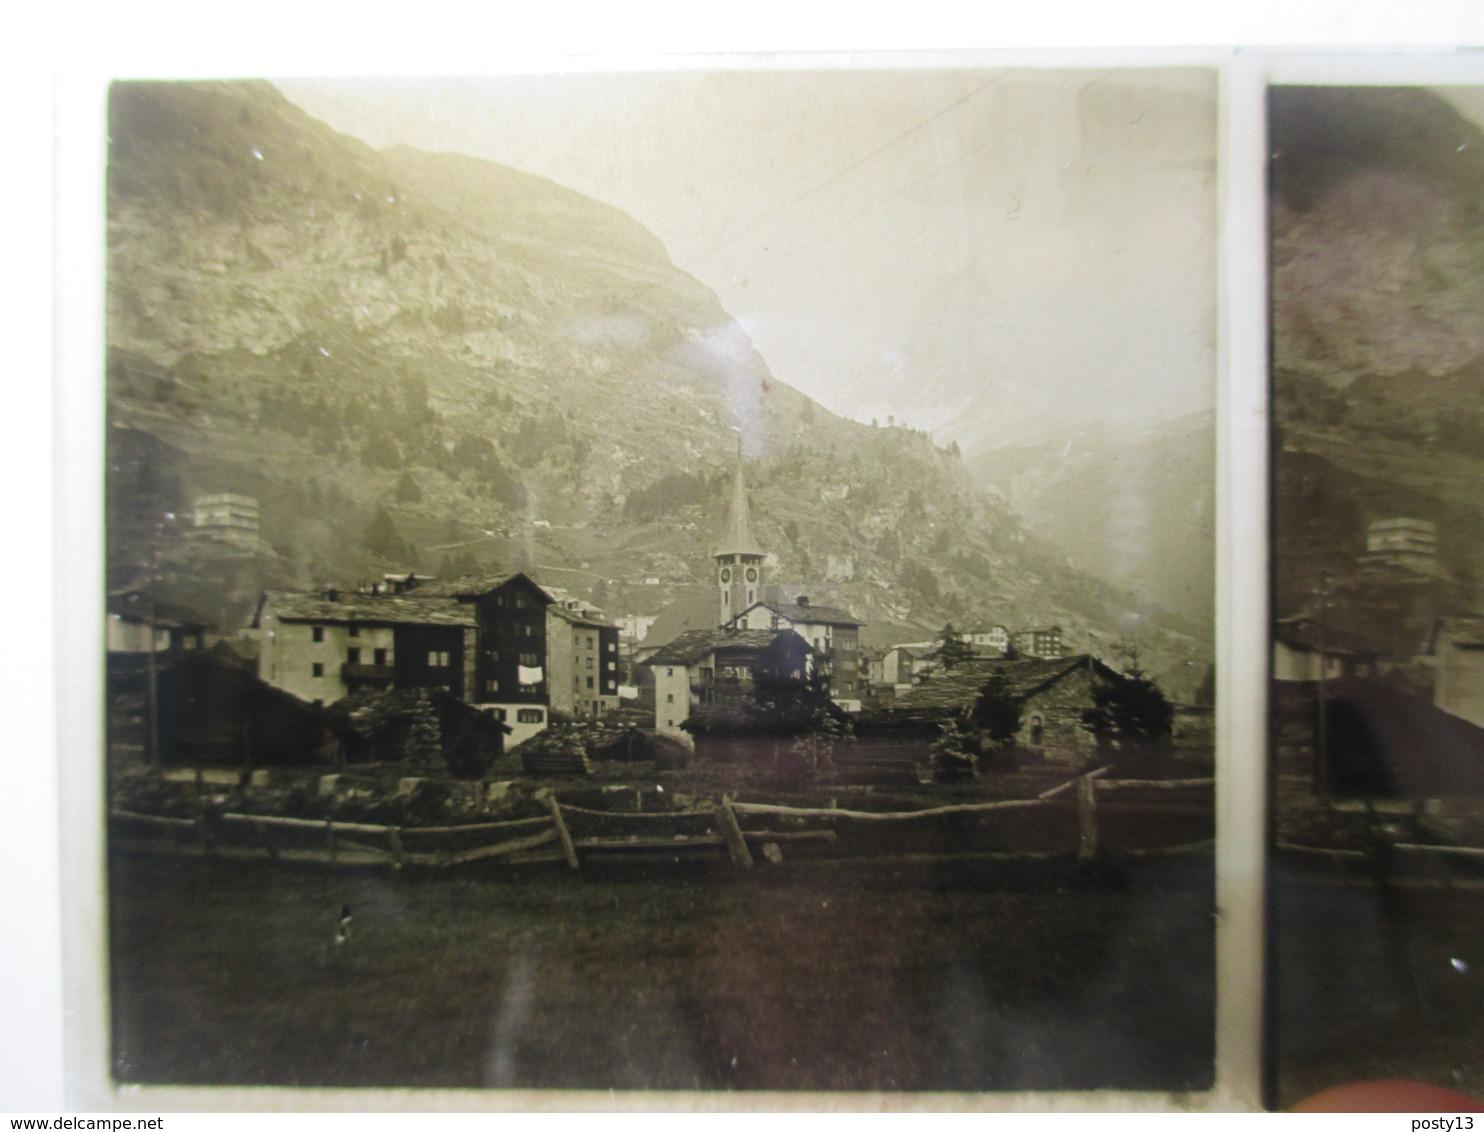 SUISSE  -  ZERMATT   - Plaque De Verre Stéréoscopique 6 X 13 -  TBE - Plaques De Verre